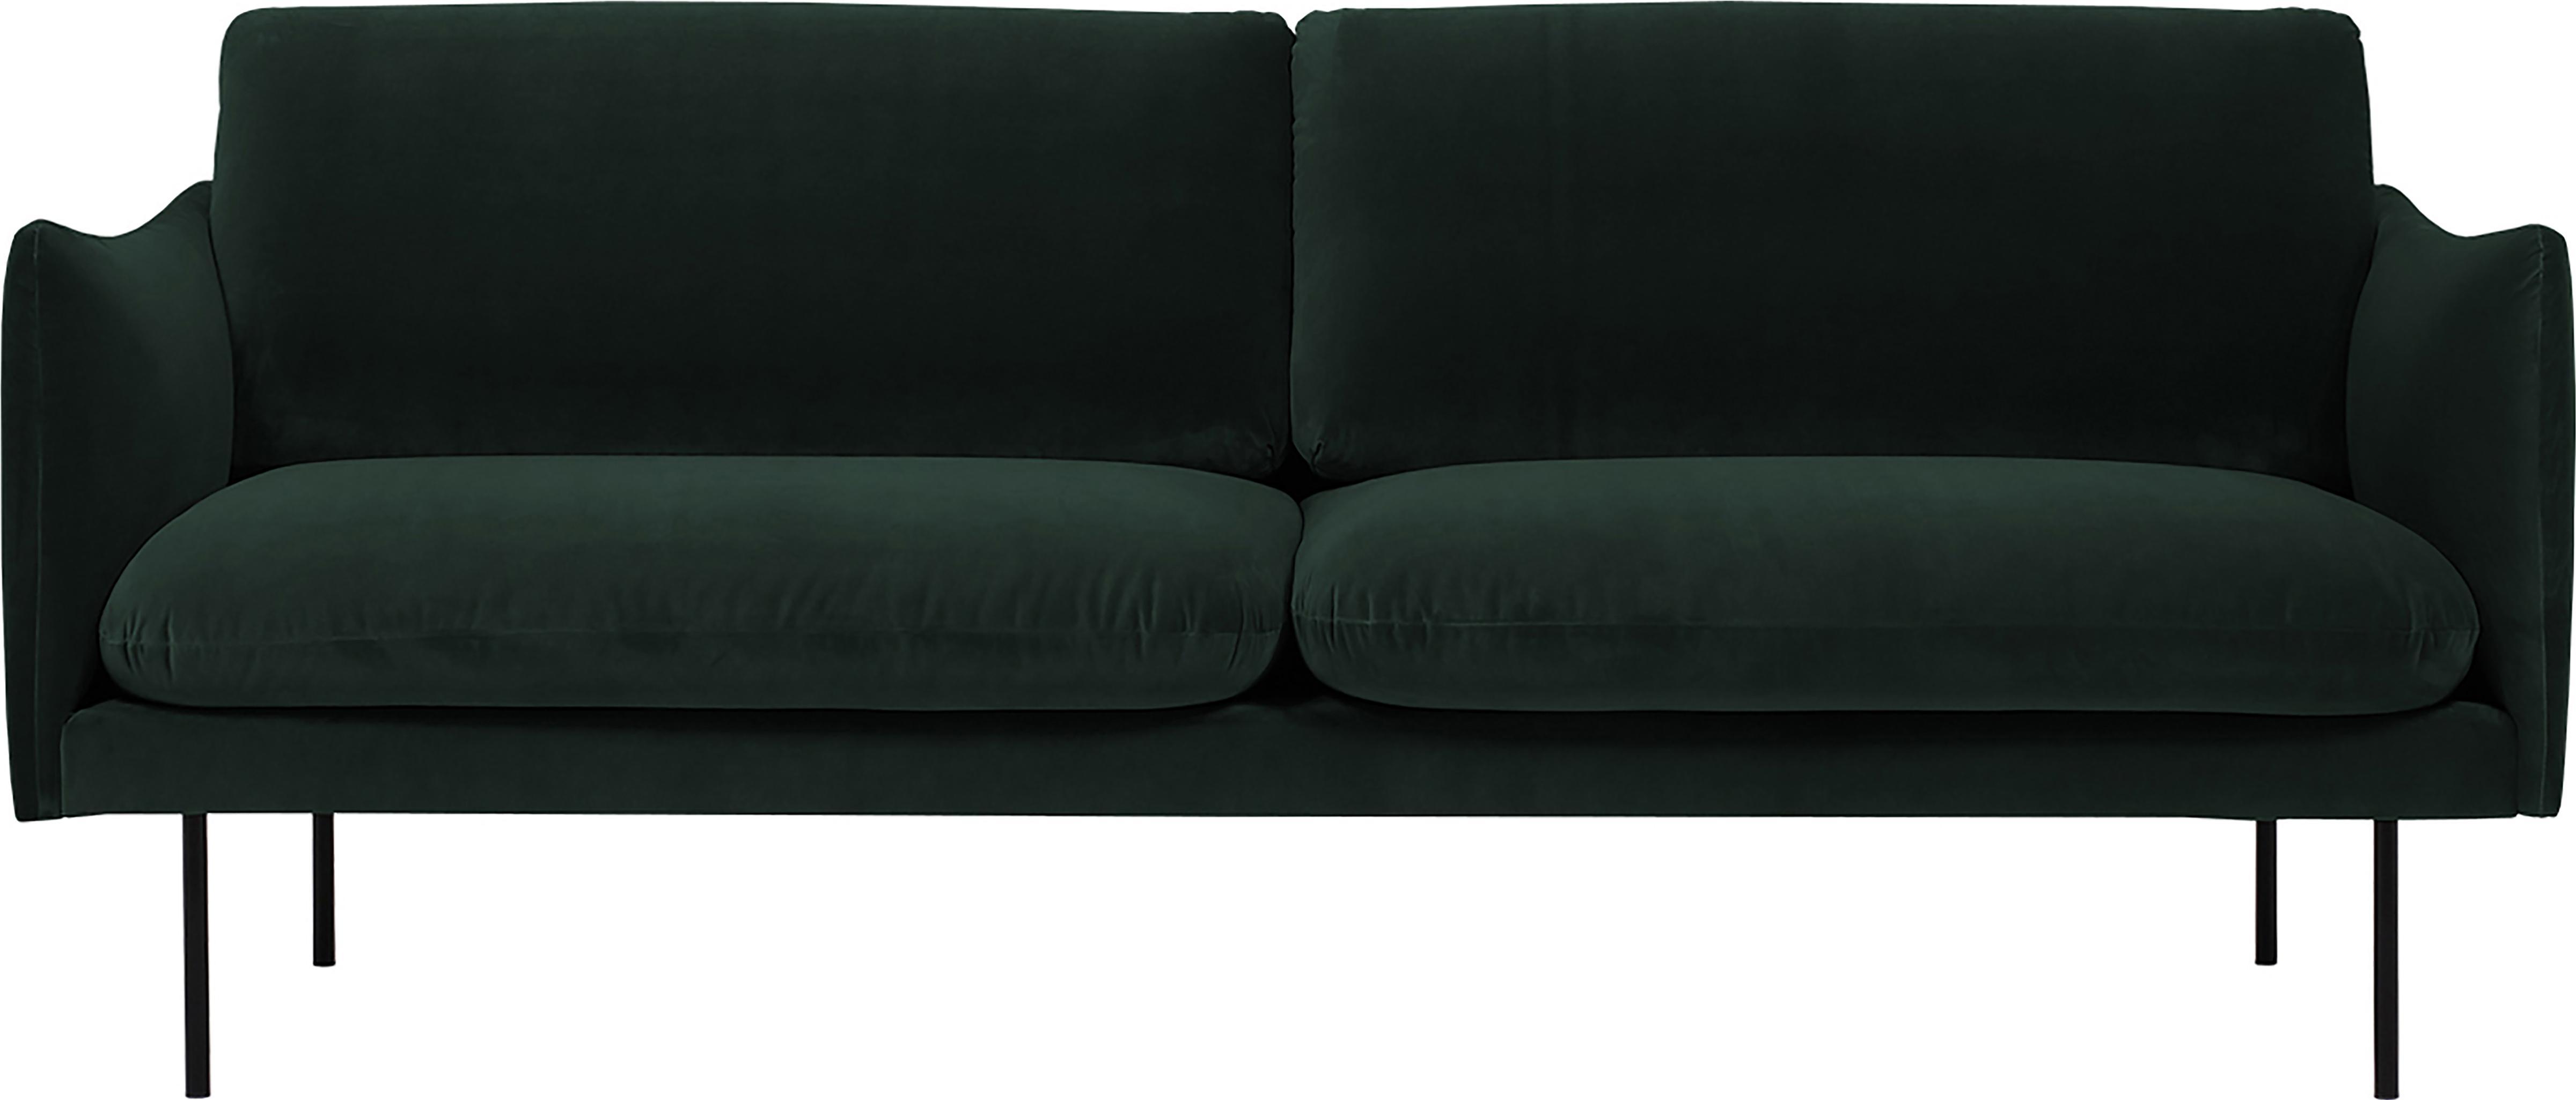 Sofá de terciopelo Moby (2plazas), Tapizado: terciopelo (poliéster de , Estructura: madera de pino maciza, Patas: metal con pintura en polv, Verde oscuro, An 170 x F 95 cm